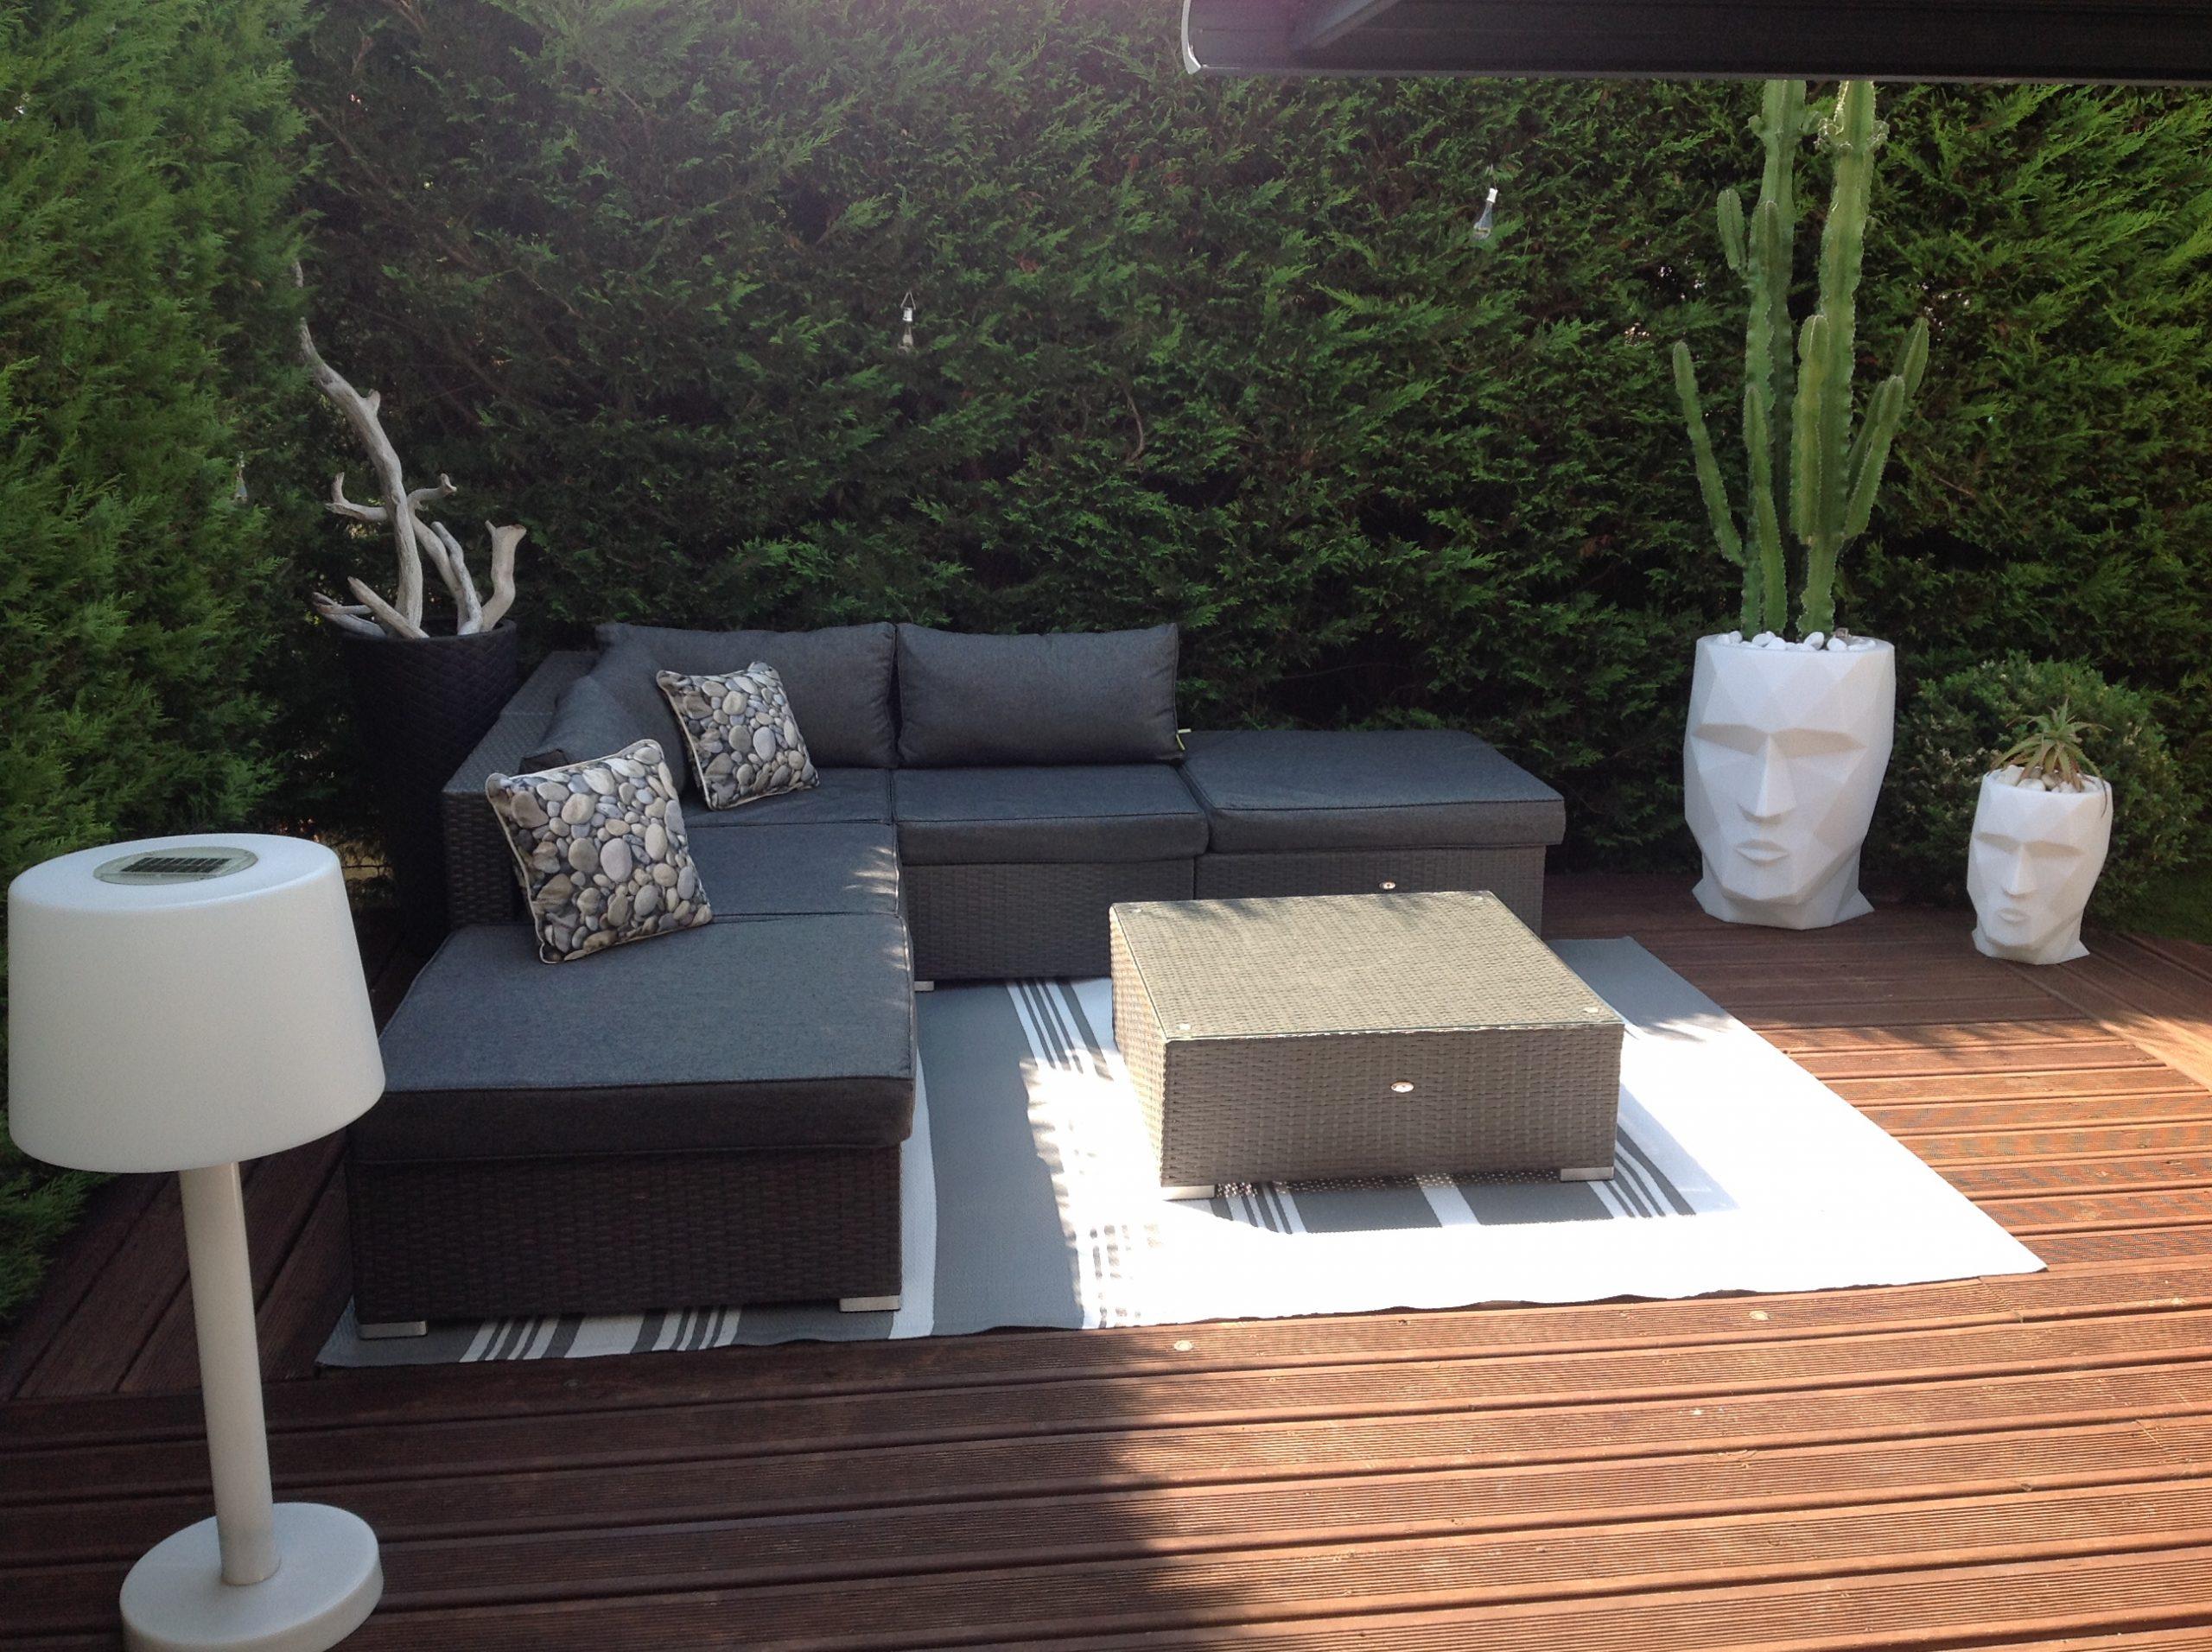 Salon De Jardin Exterieur Design - Yaser.vtngcf.org encequiconcerne Nain De Jardin Design